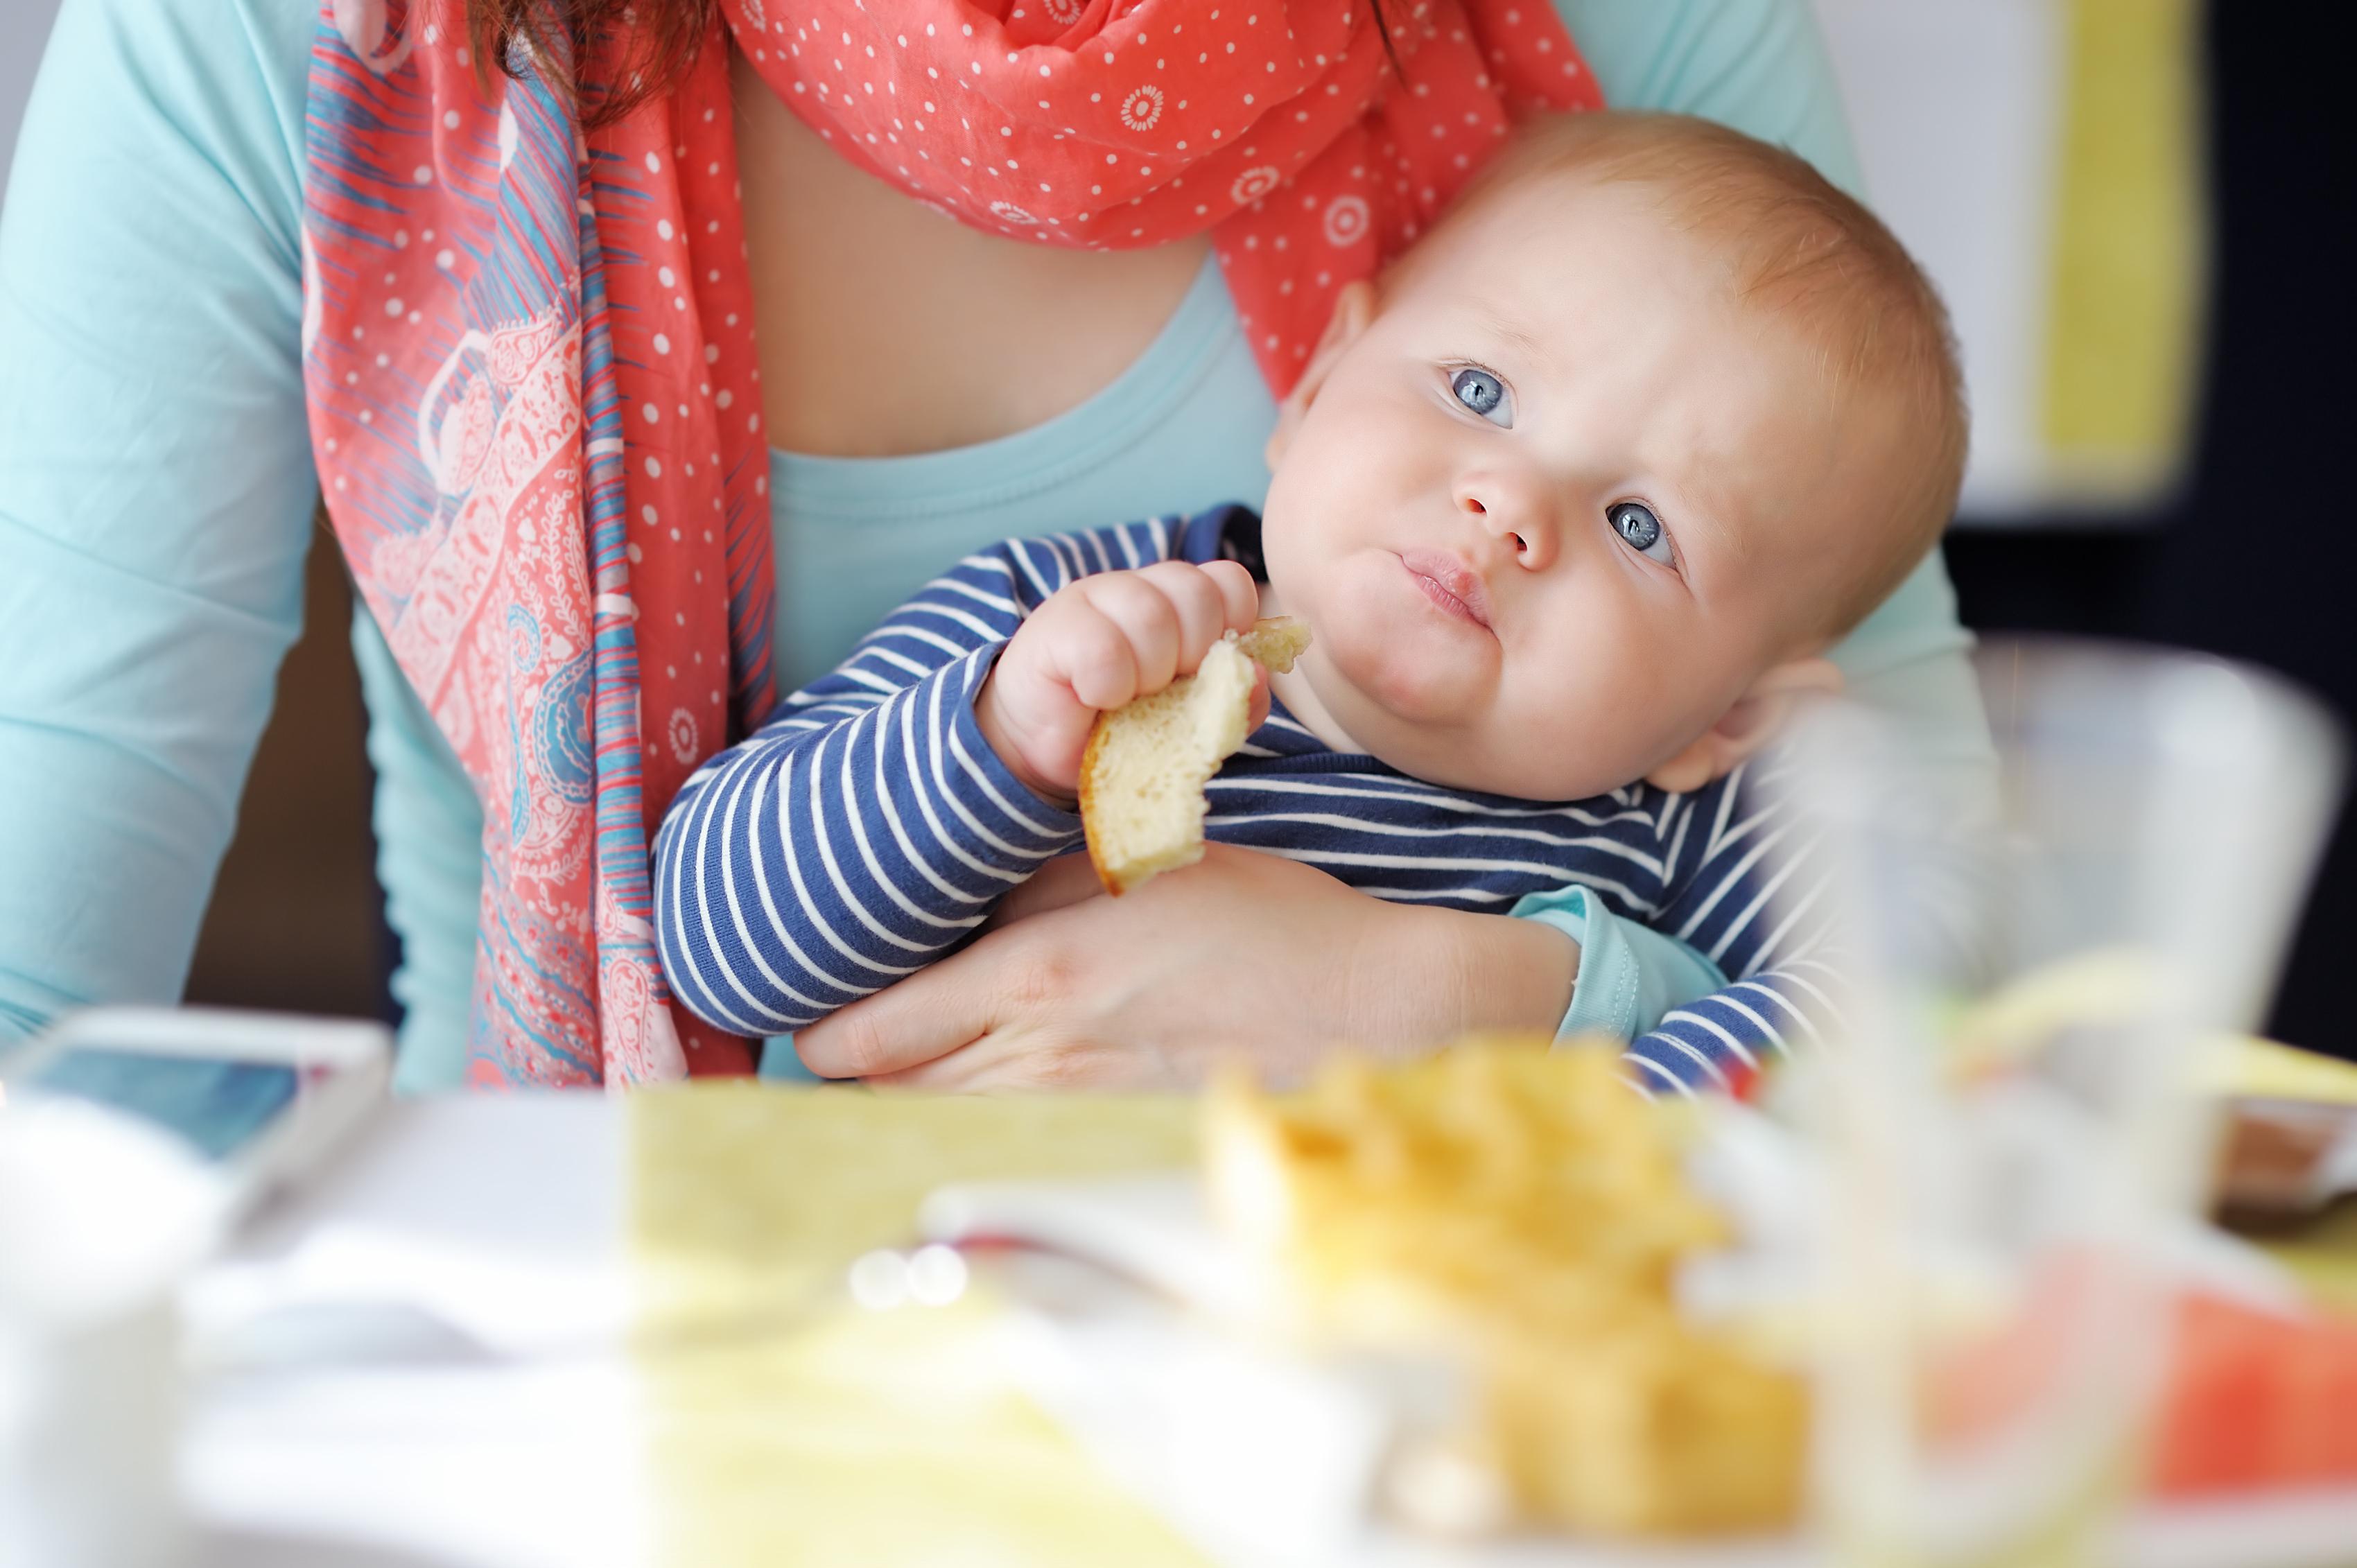 Svenska småbarn var mer benägna att utveckla glutenintolerans jämfört med barn från de andra länderna i studien.